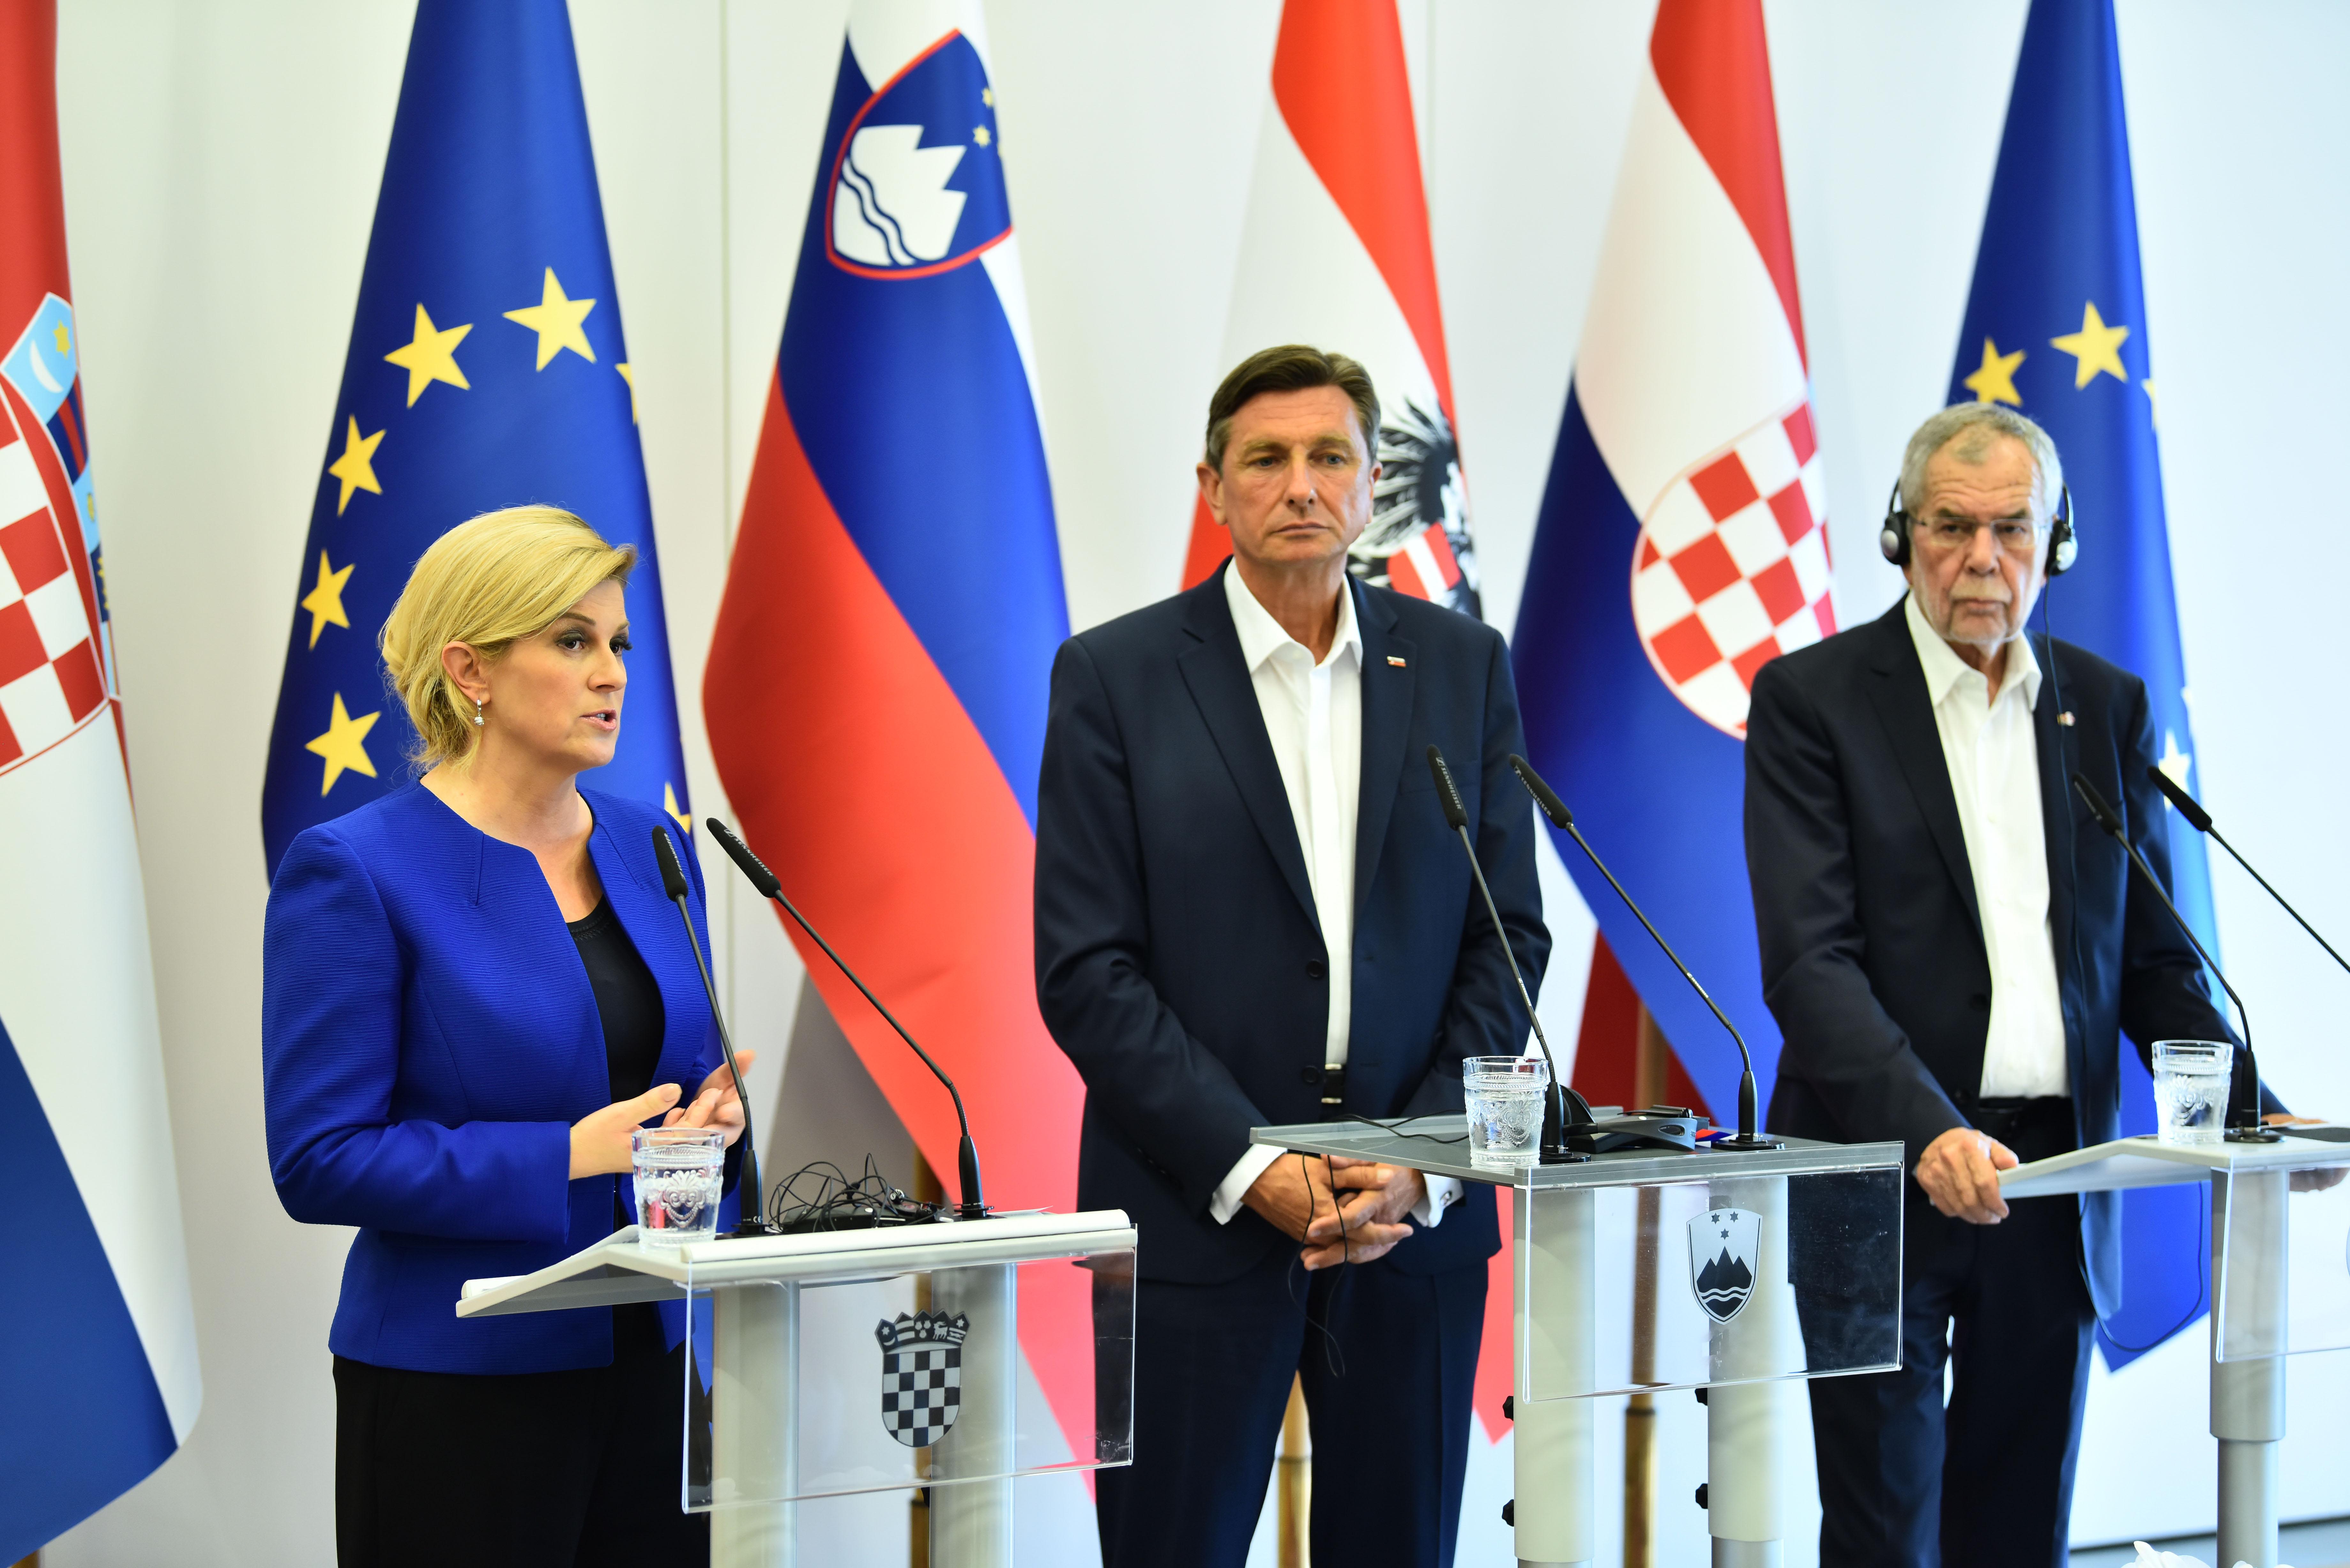 Predsjednici Hrvatske, Slovenije i Austrije podržali europsku perspektivu država jugoistočne Europe